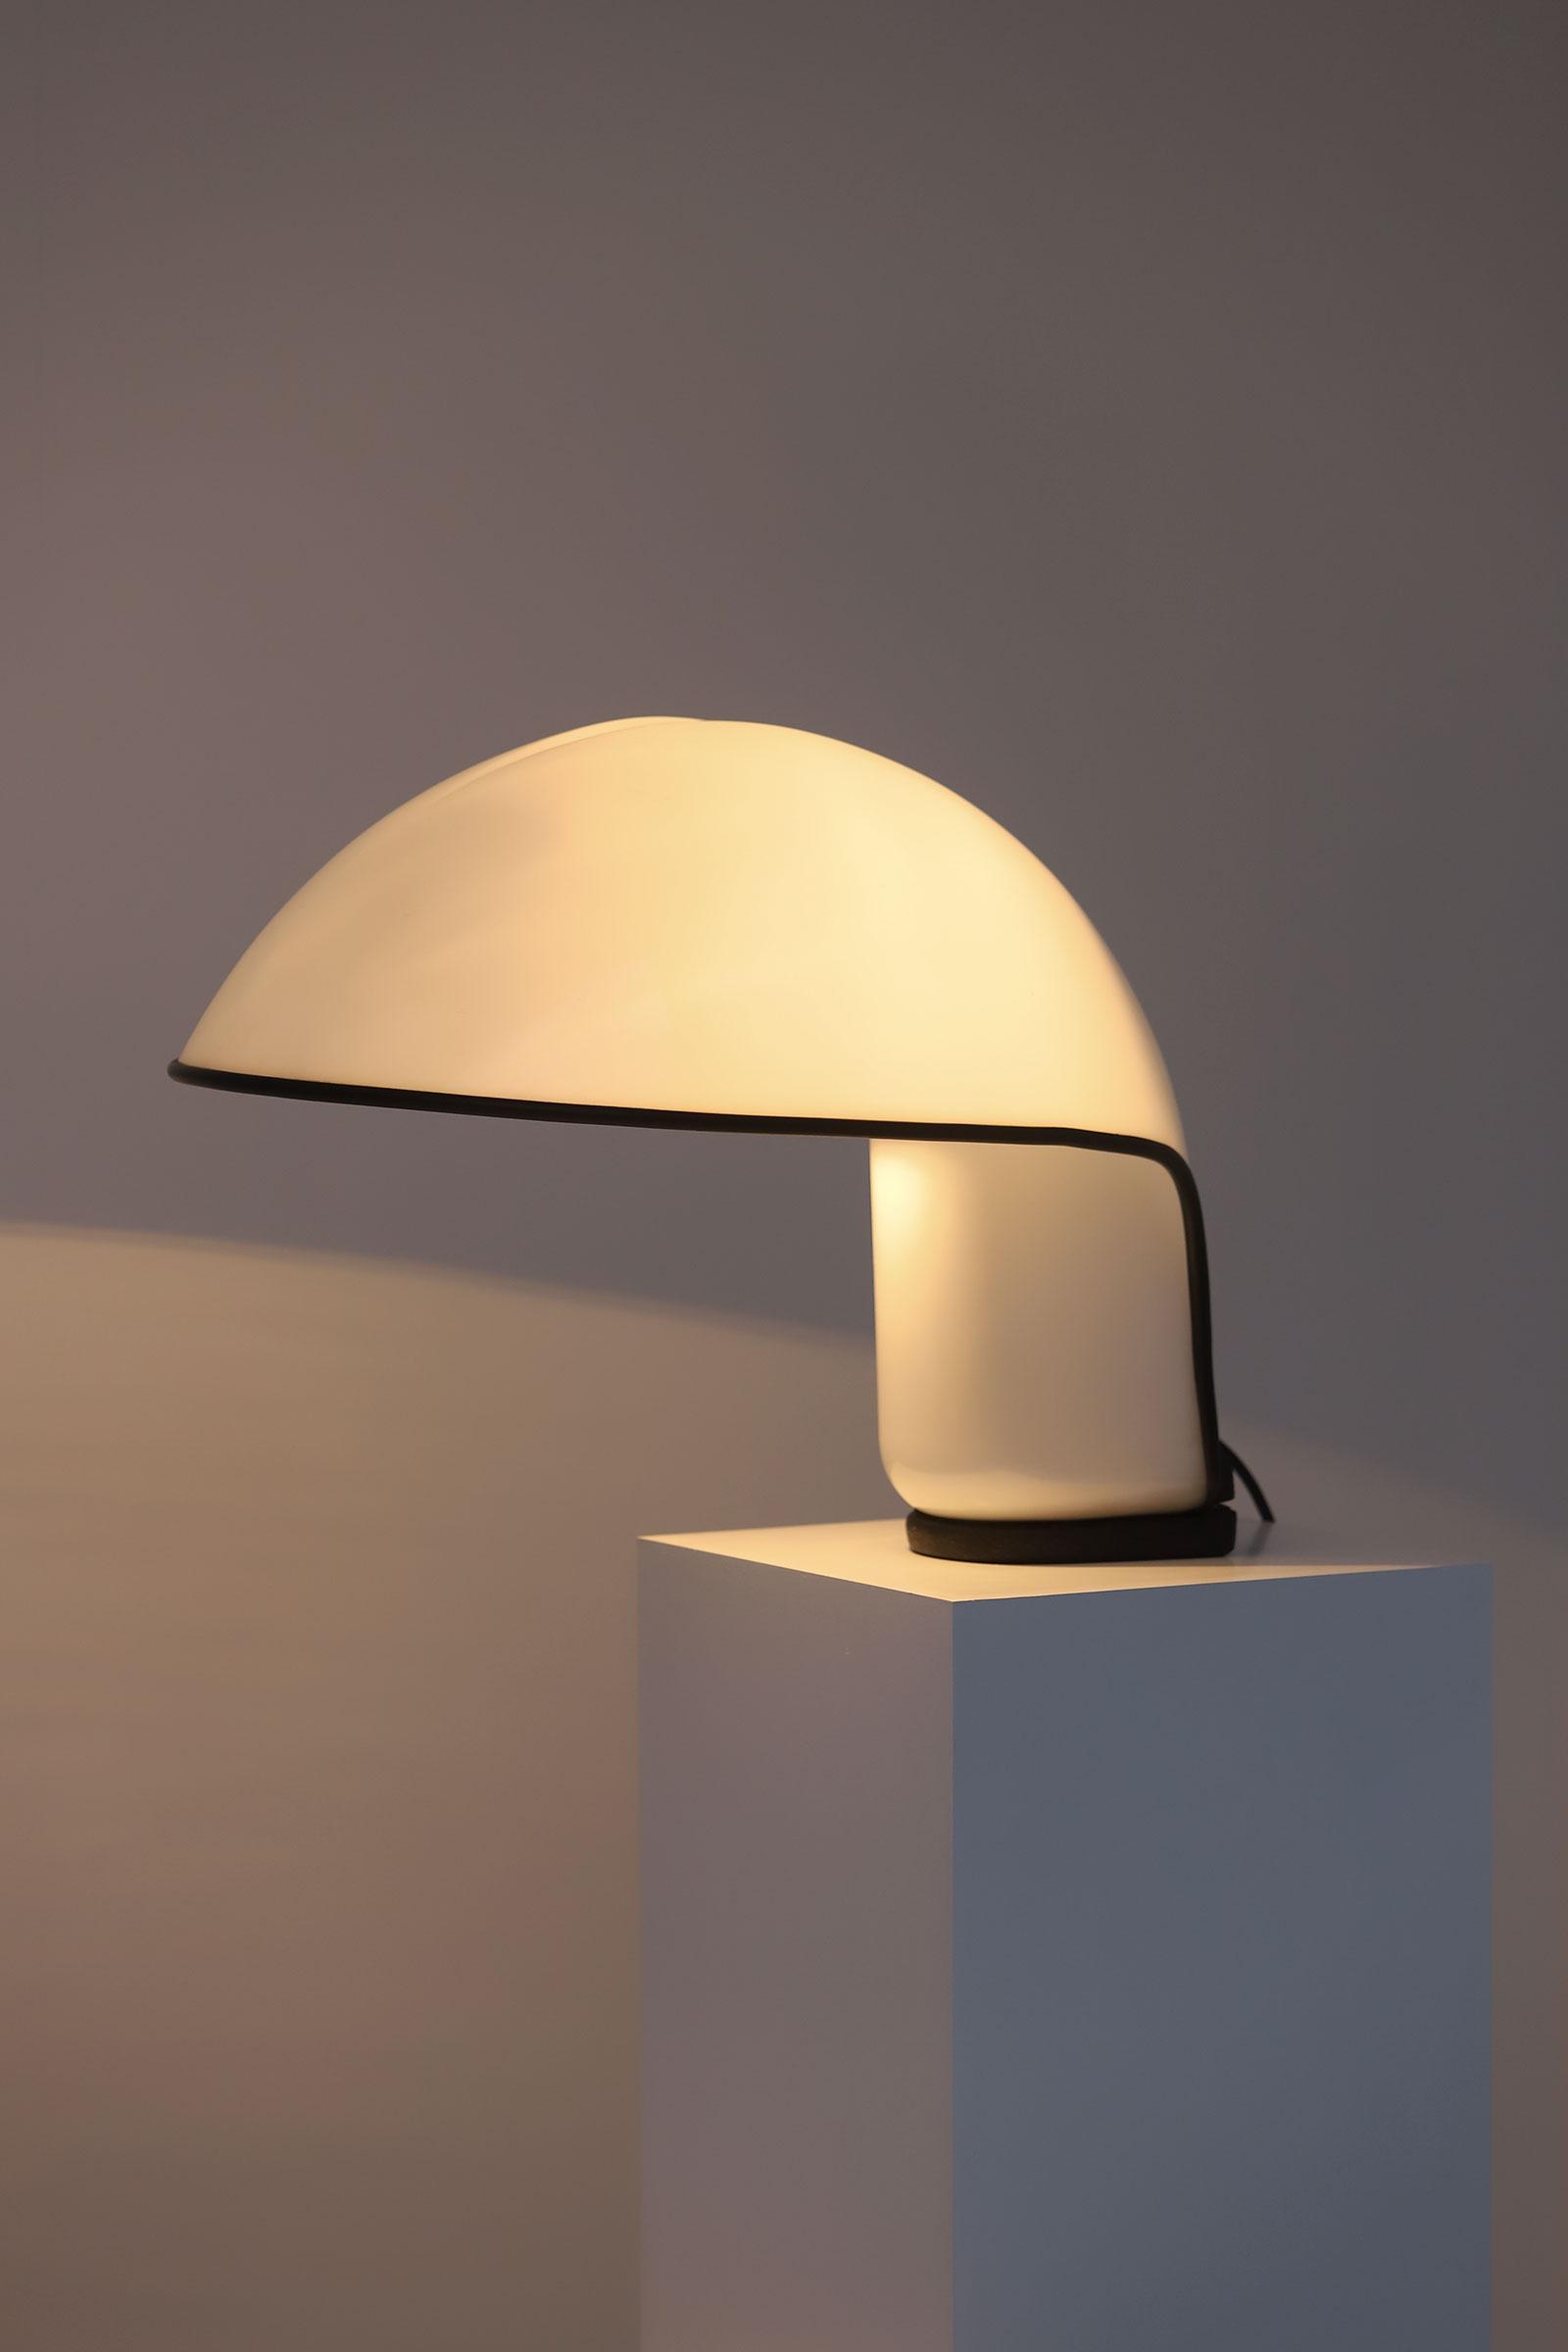 Albanella Table Lamp by Sergio Brazzoli & Ermanno Lampa for Guzziniimage 9